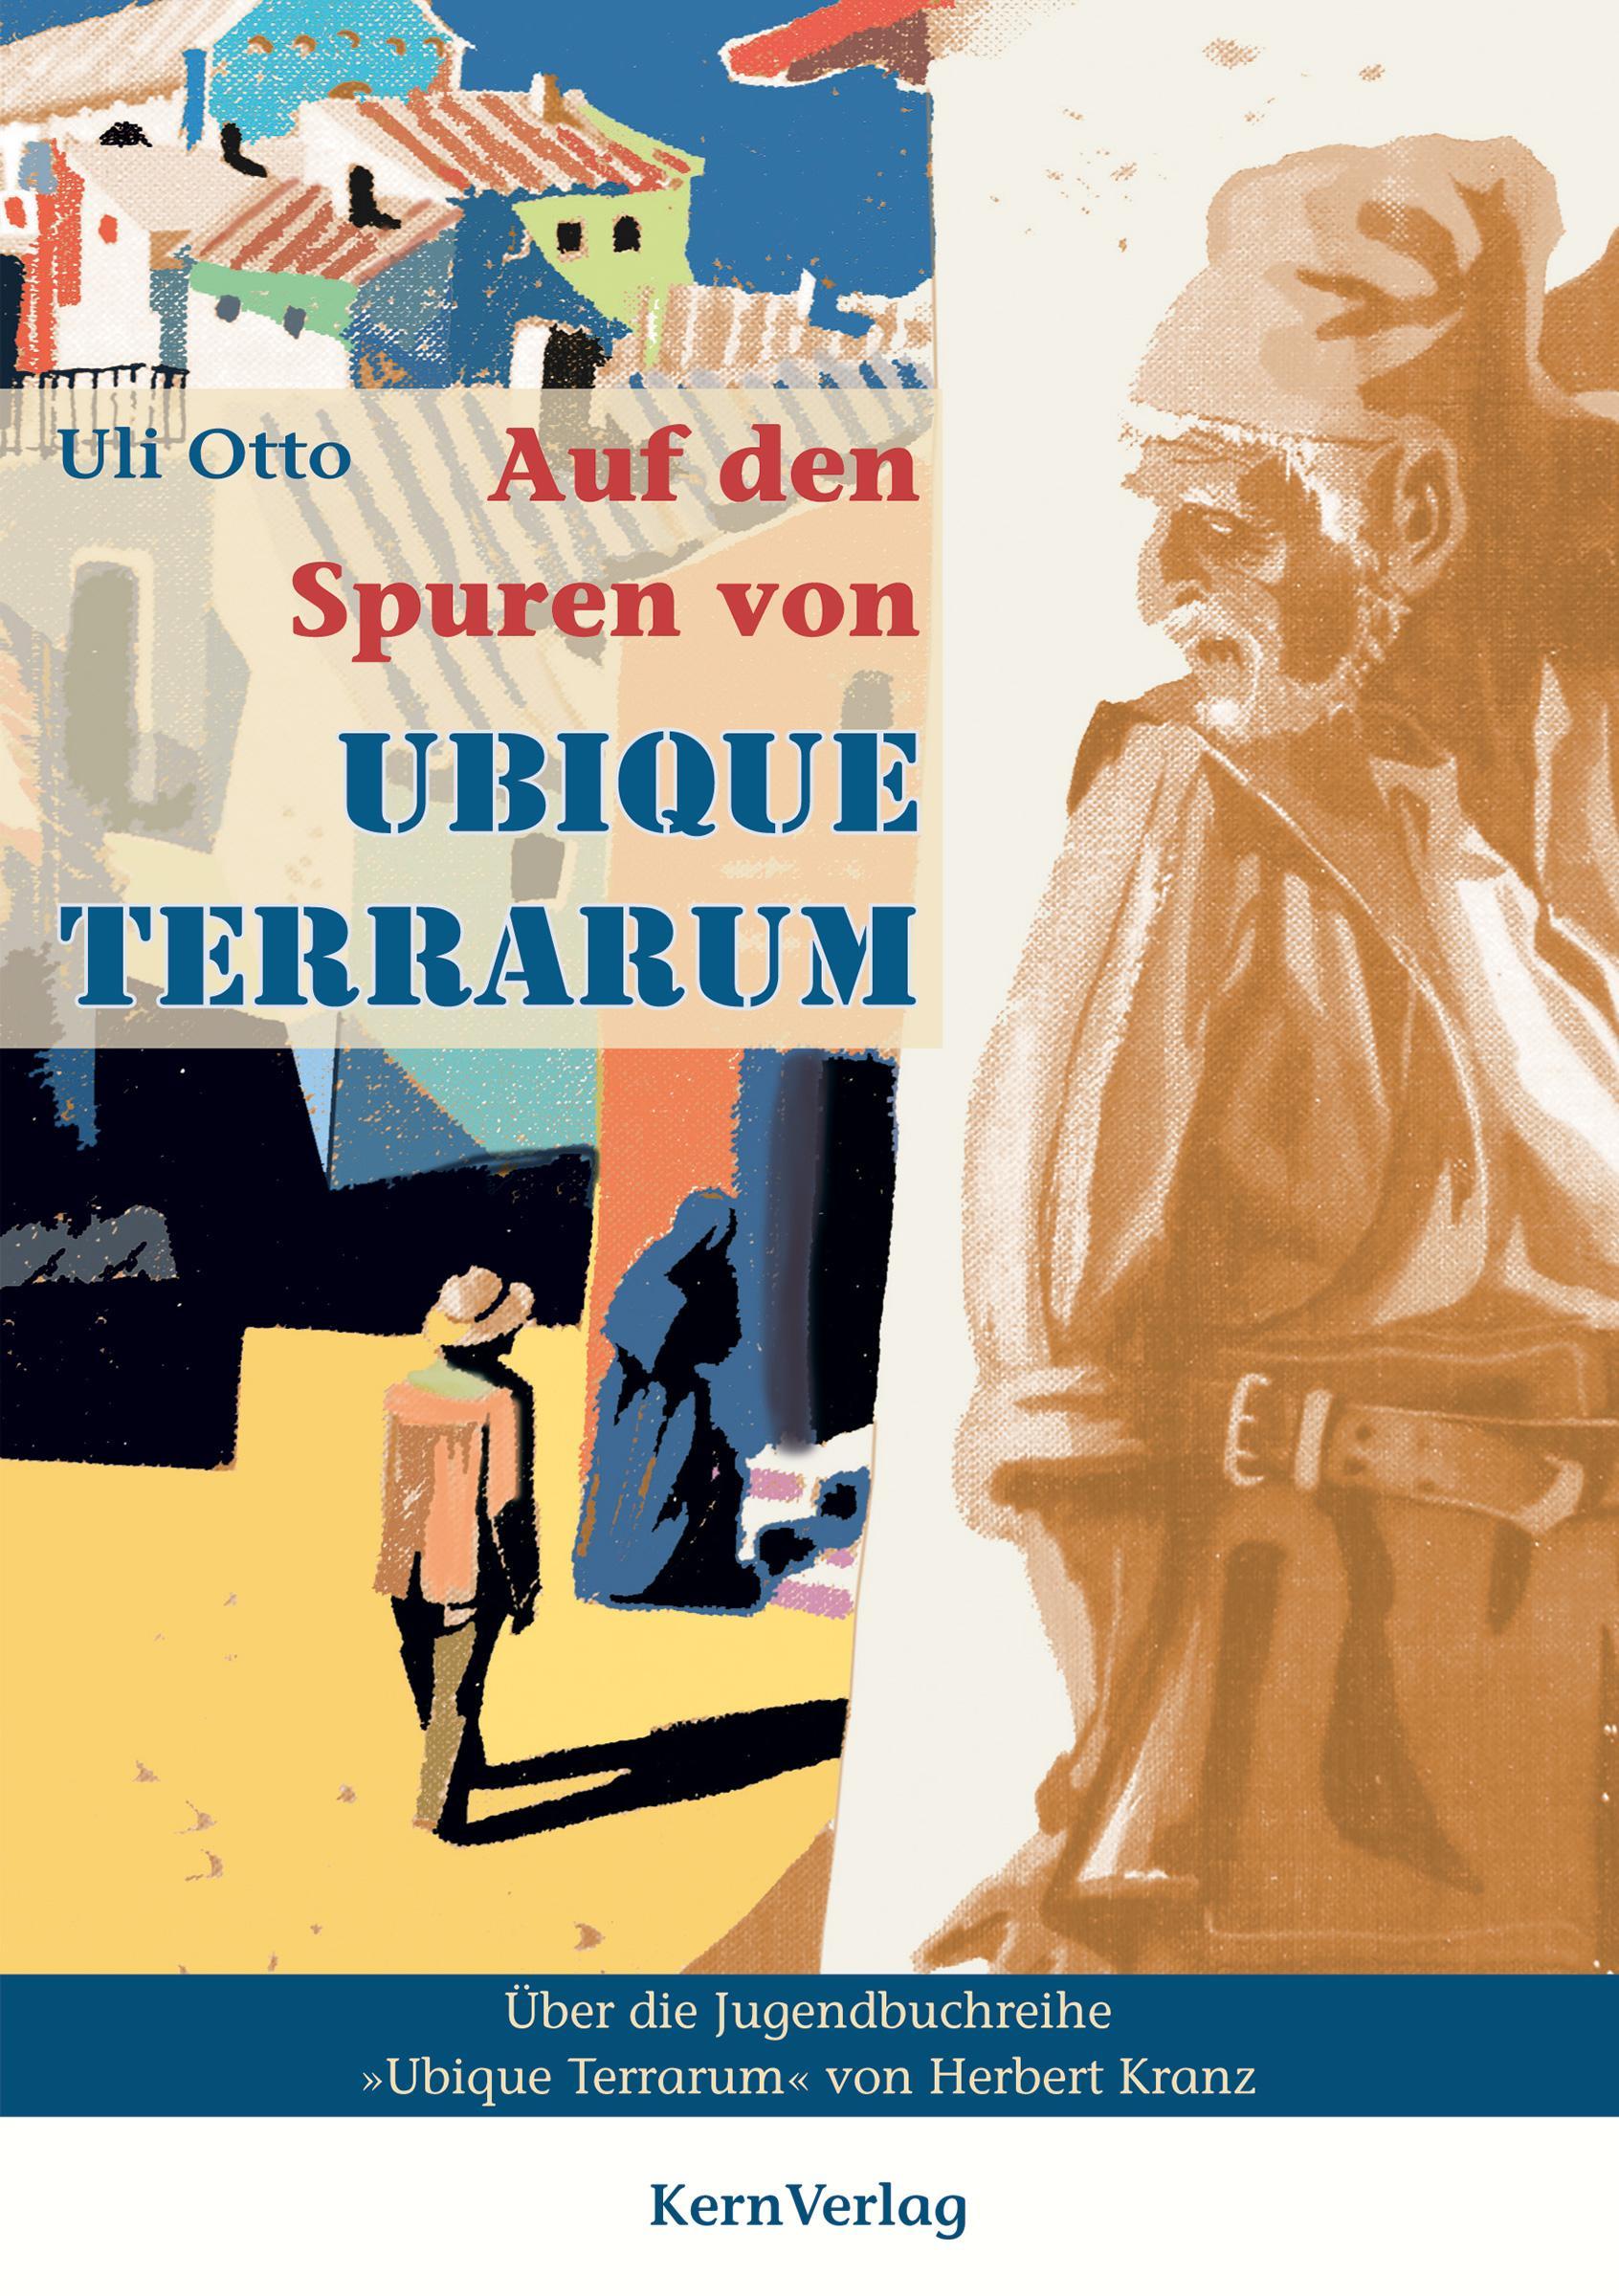 Auf den Spuren von Ubique Terrarum Uli Otto